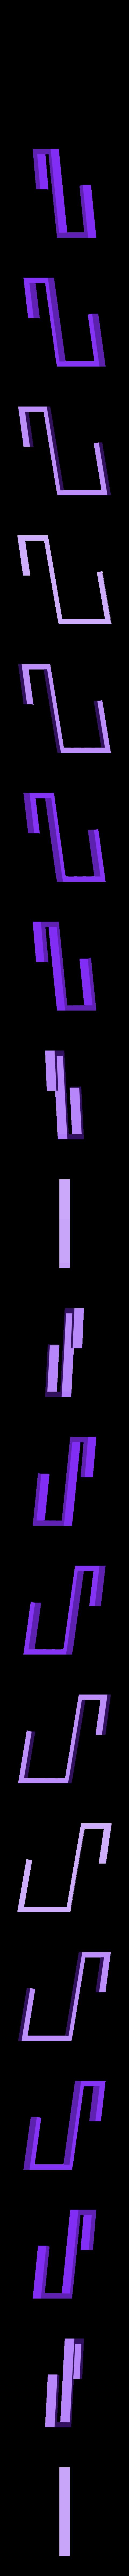 spong_holder_part1_x2.stl Télécharger fichier STL gratuit à la planche pour l'éponge et les marqueurs • Plan à imprimer en 3D, mariospeed